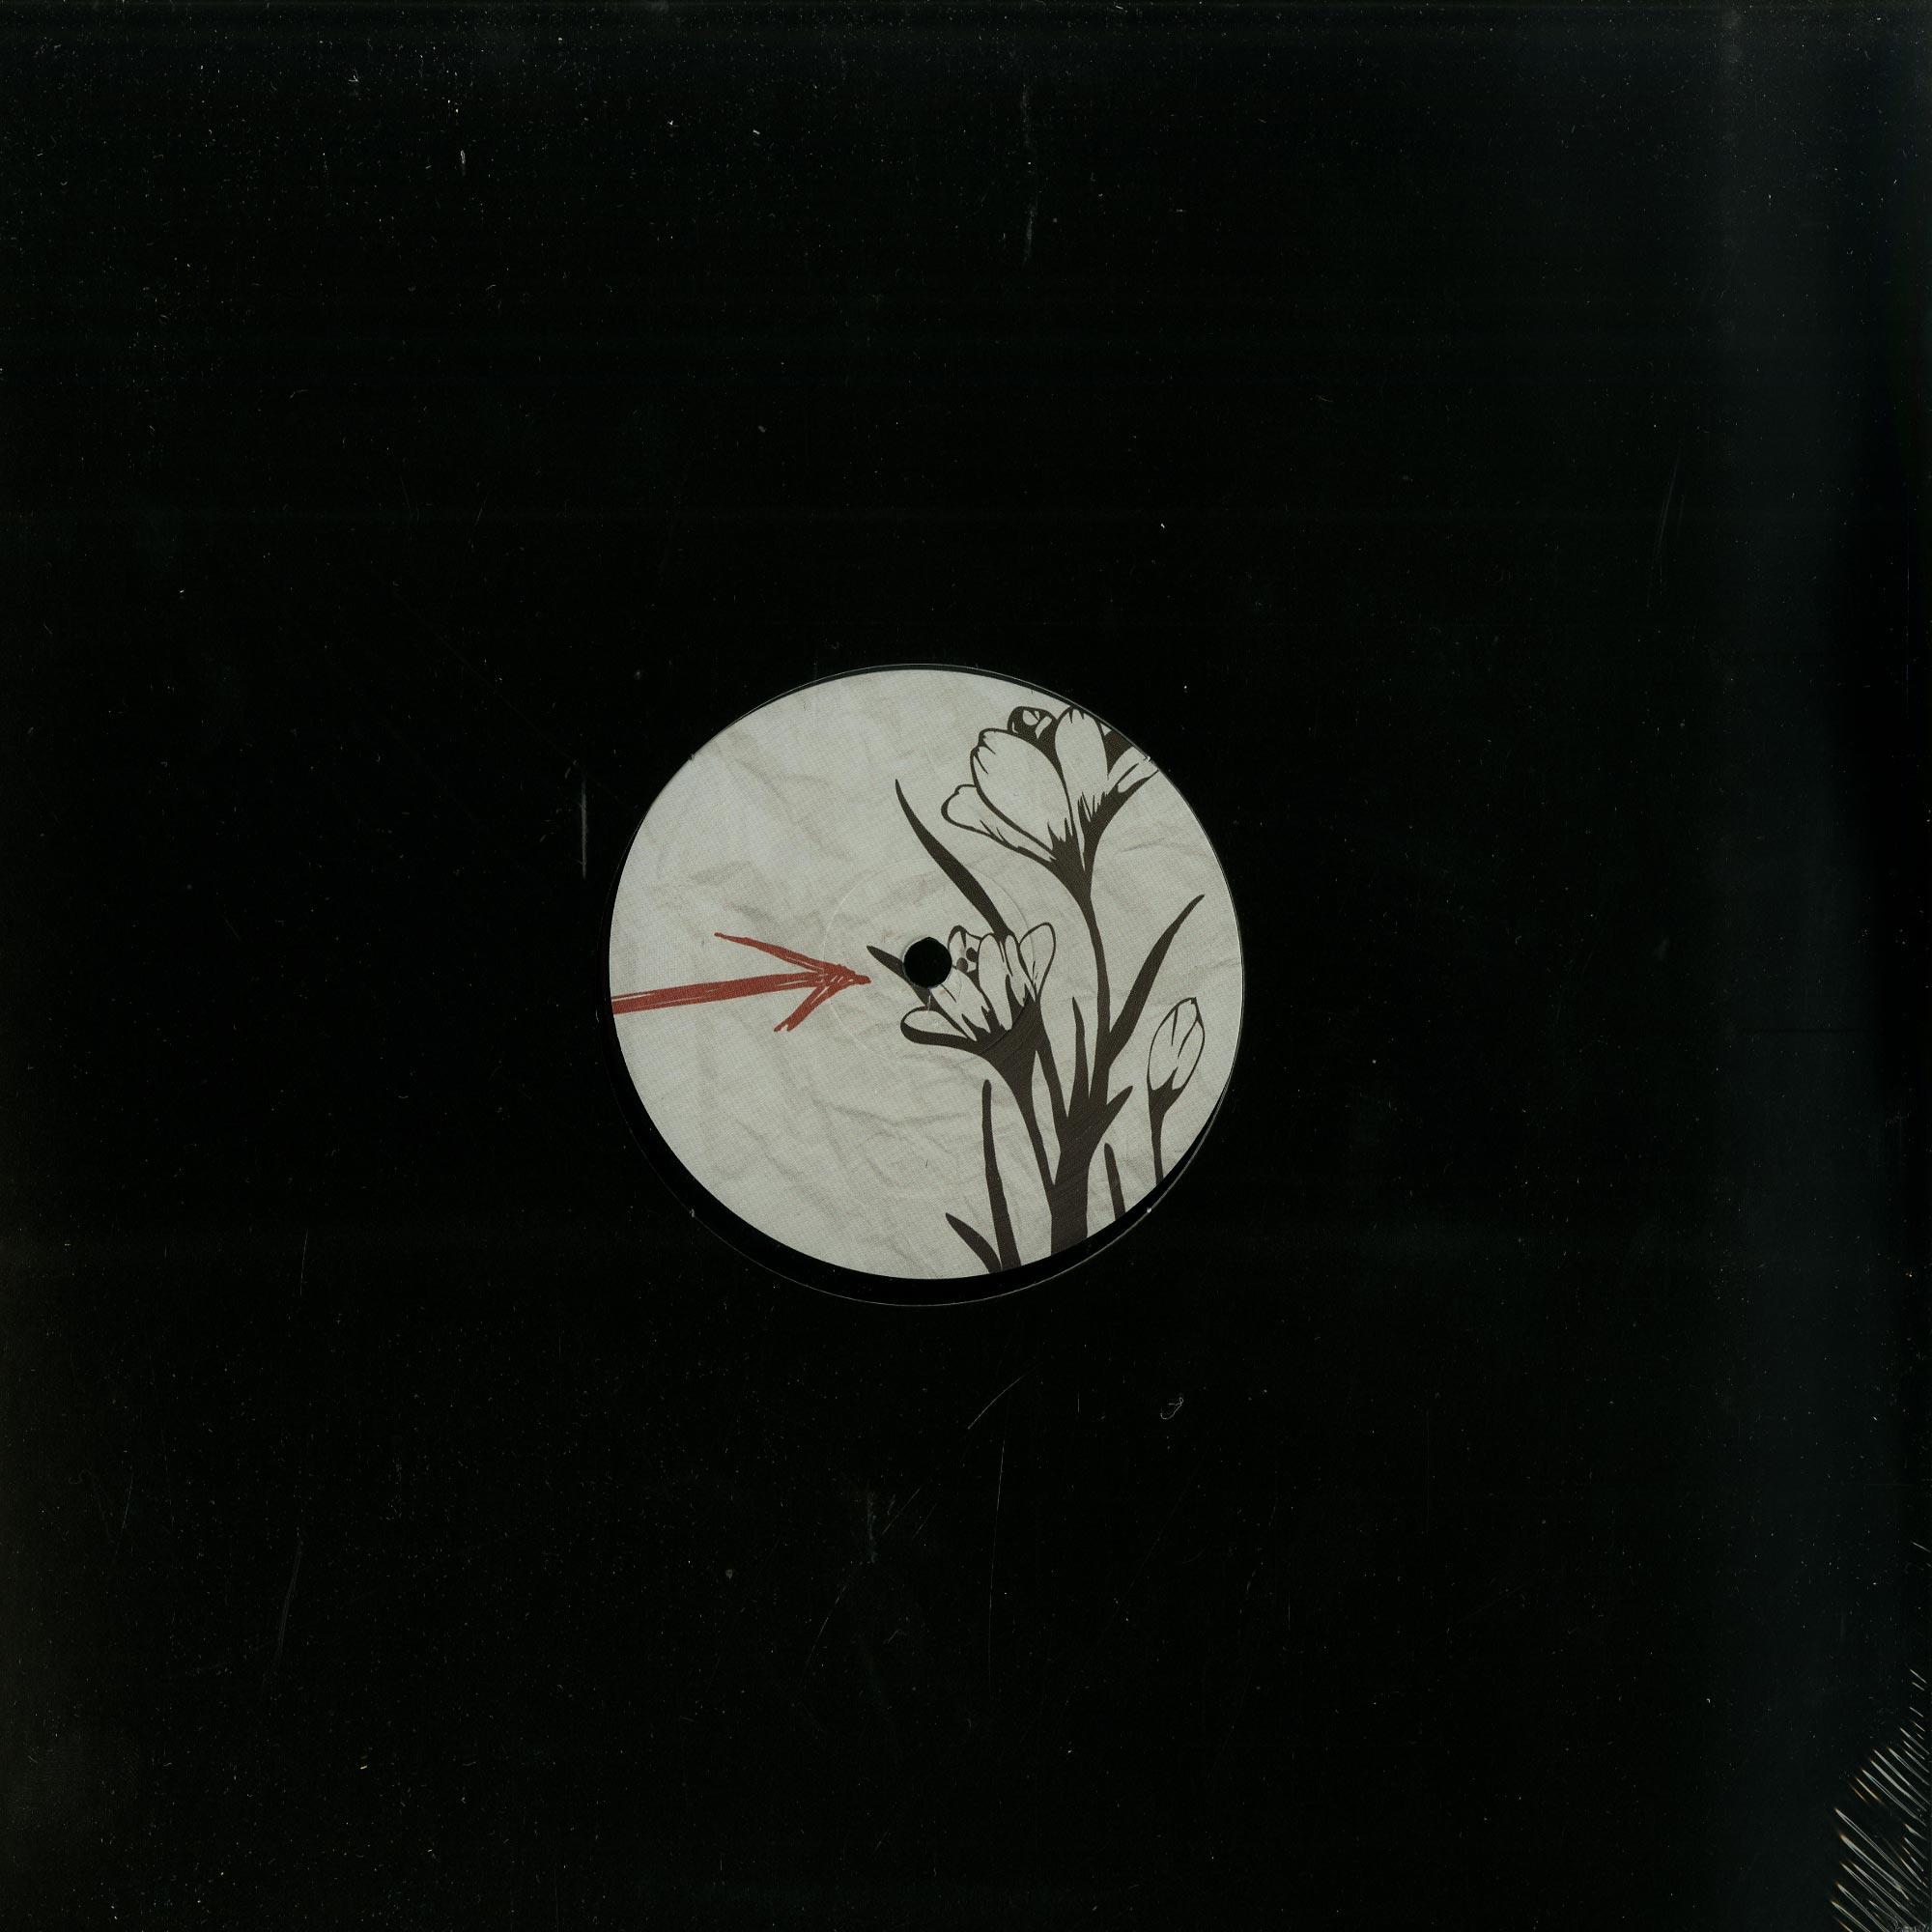 KiRiK - CROCUS 003